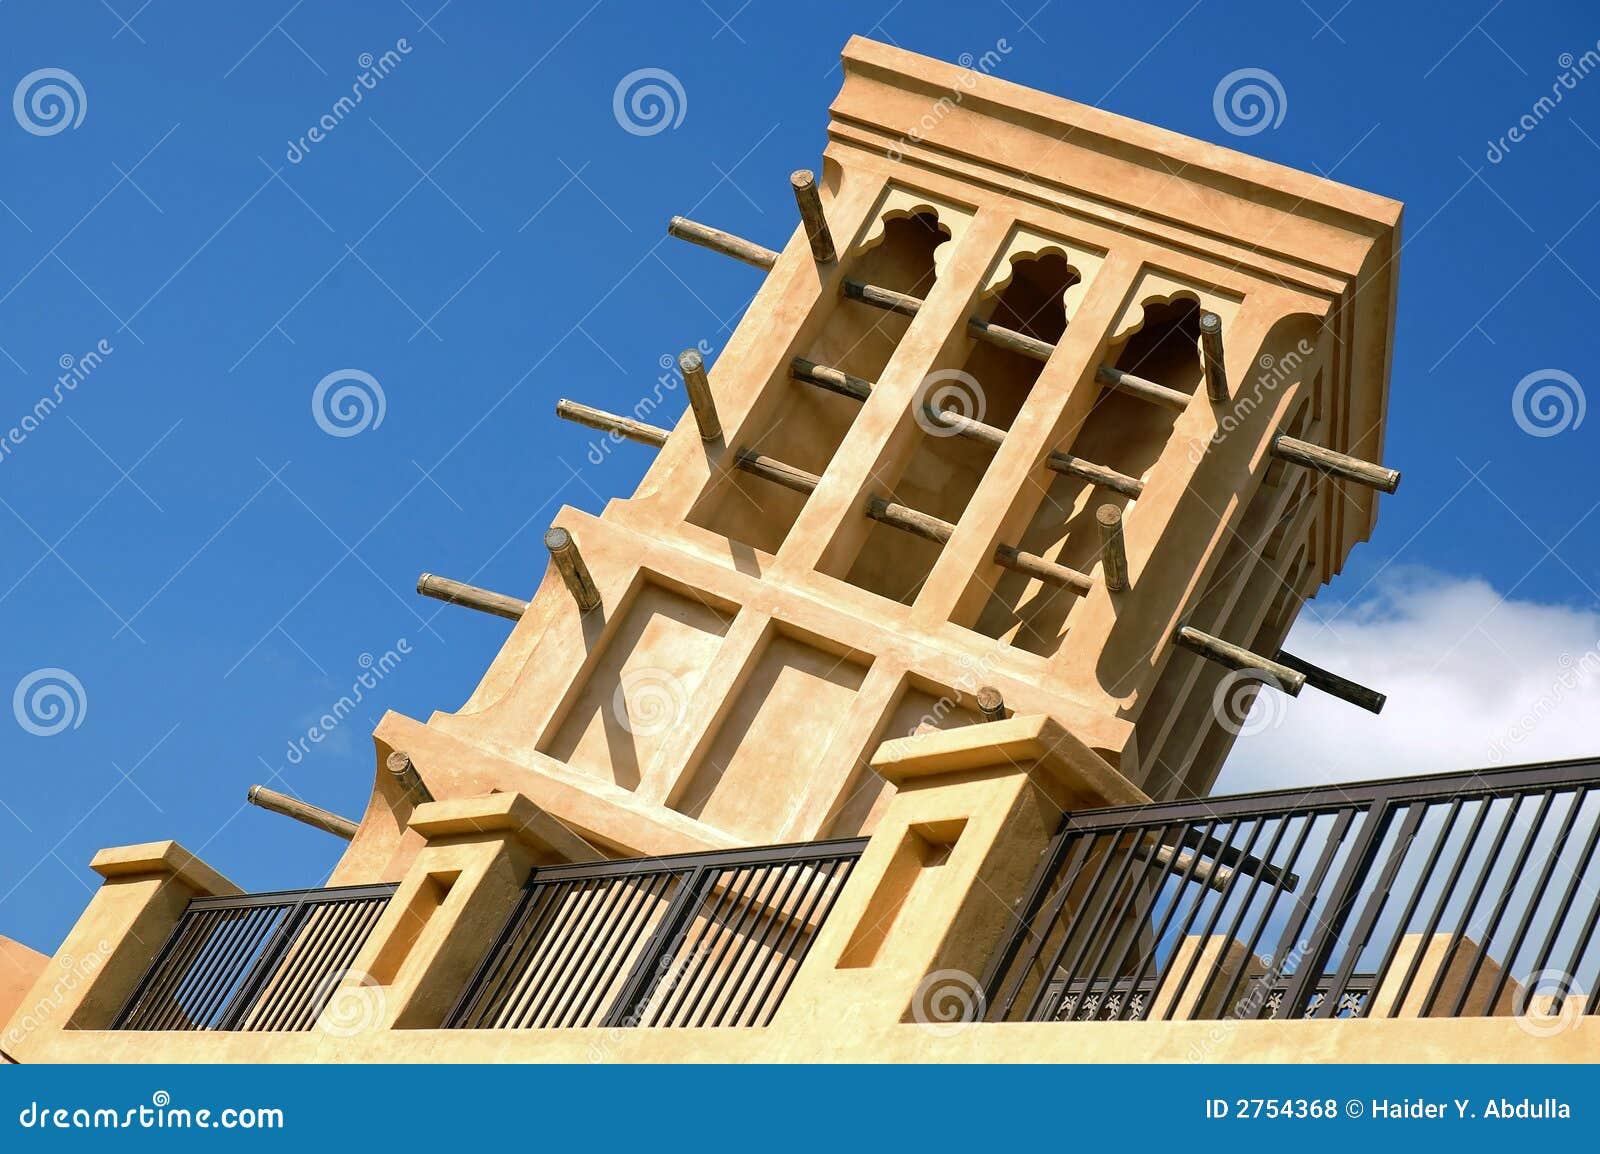 Windtowers